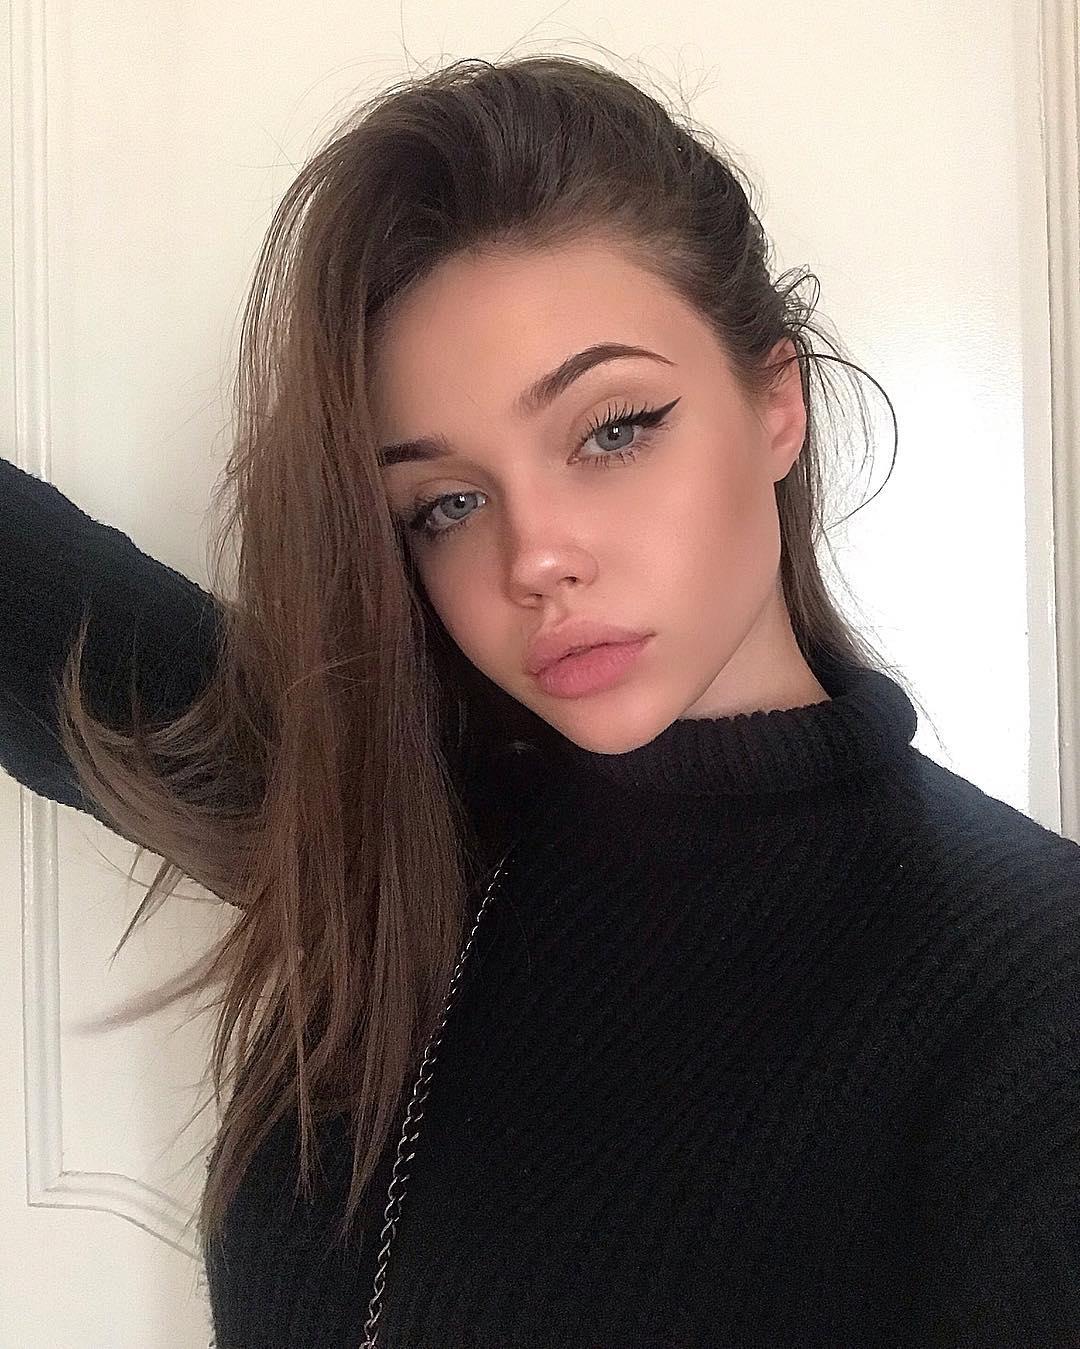 Eliza-Kayudina-Wallpapers-Insta-Fit-Bio-1